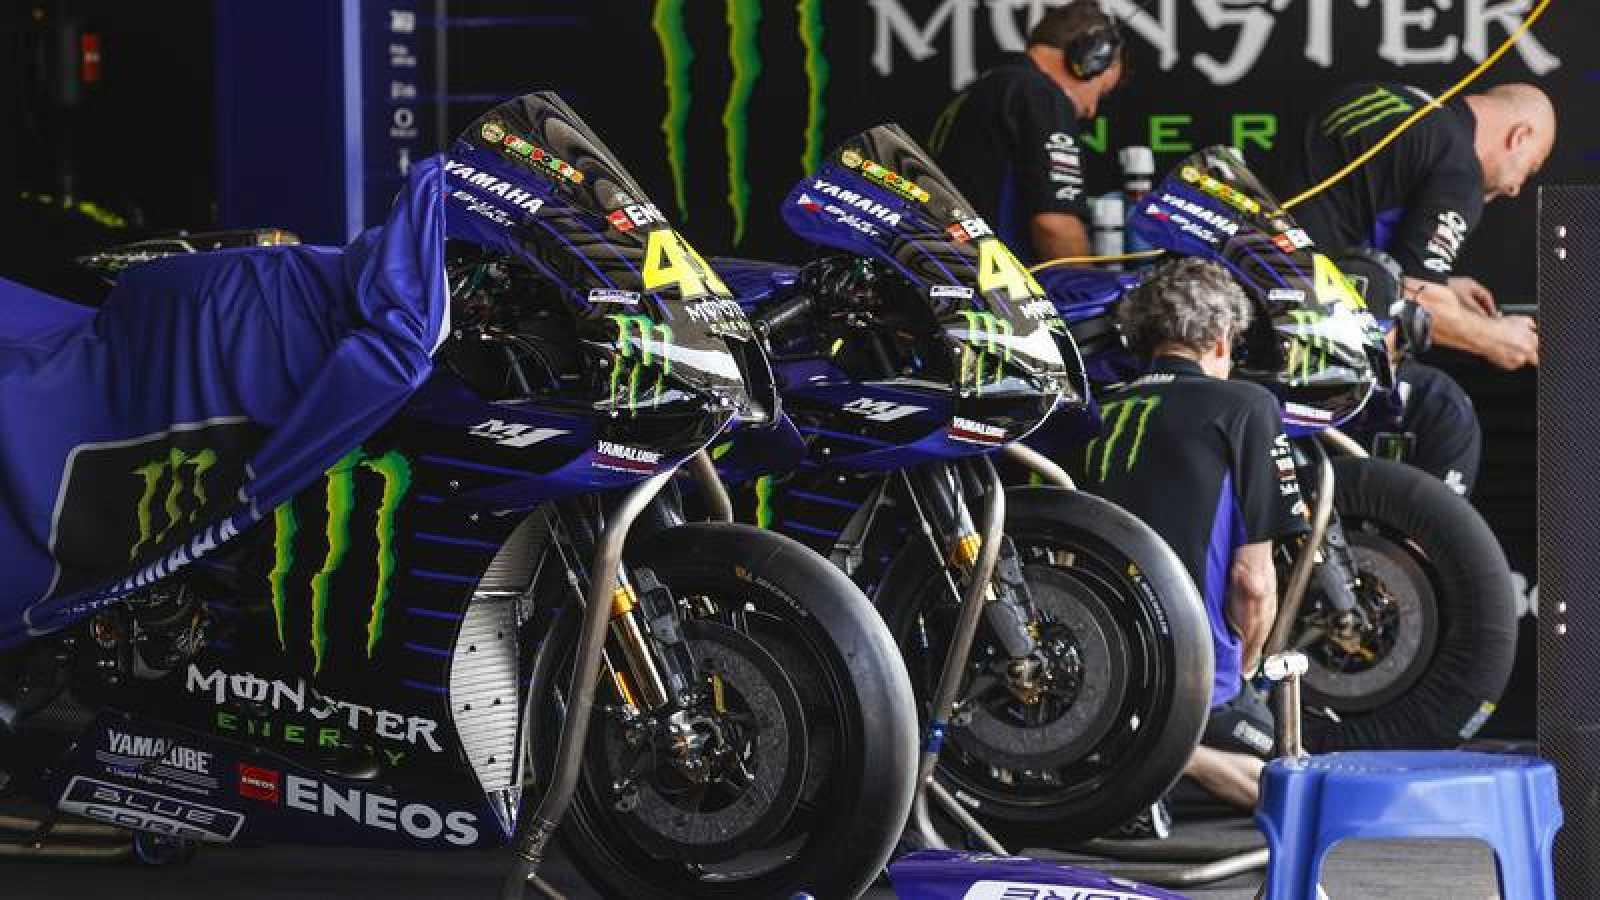 Unos técnicos del equipo Yamaha preparan las motos de los pilotos